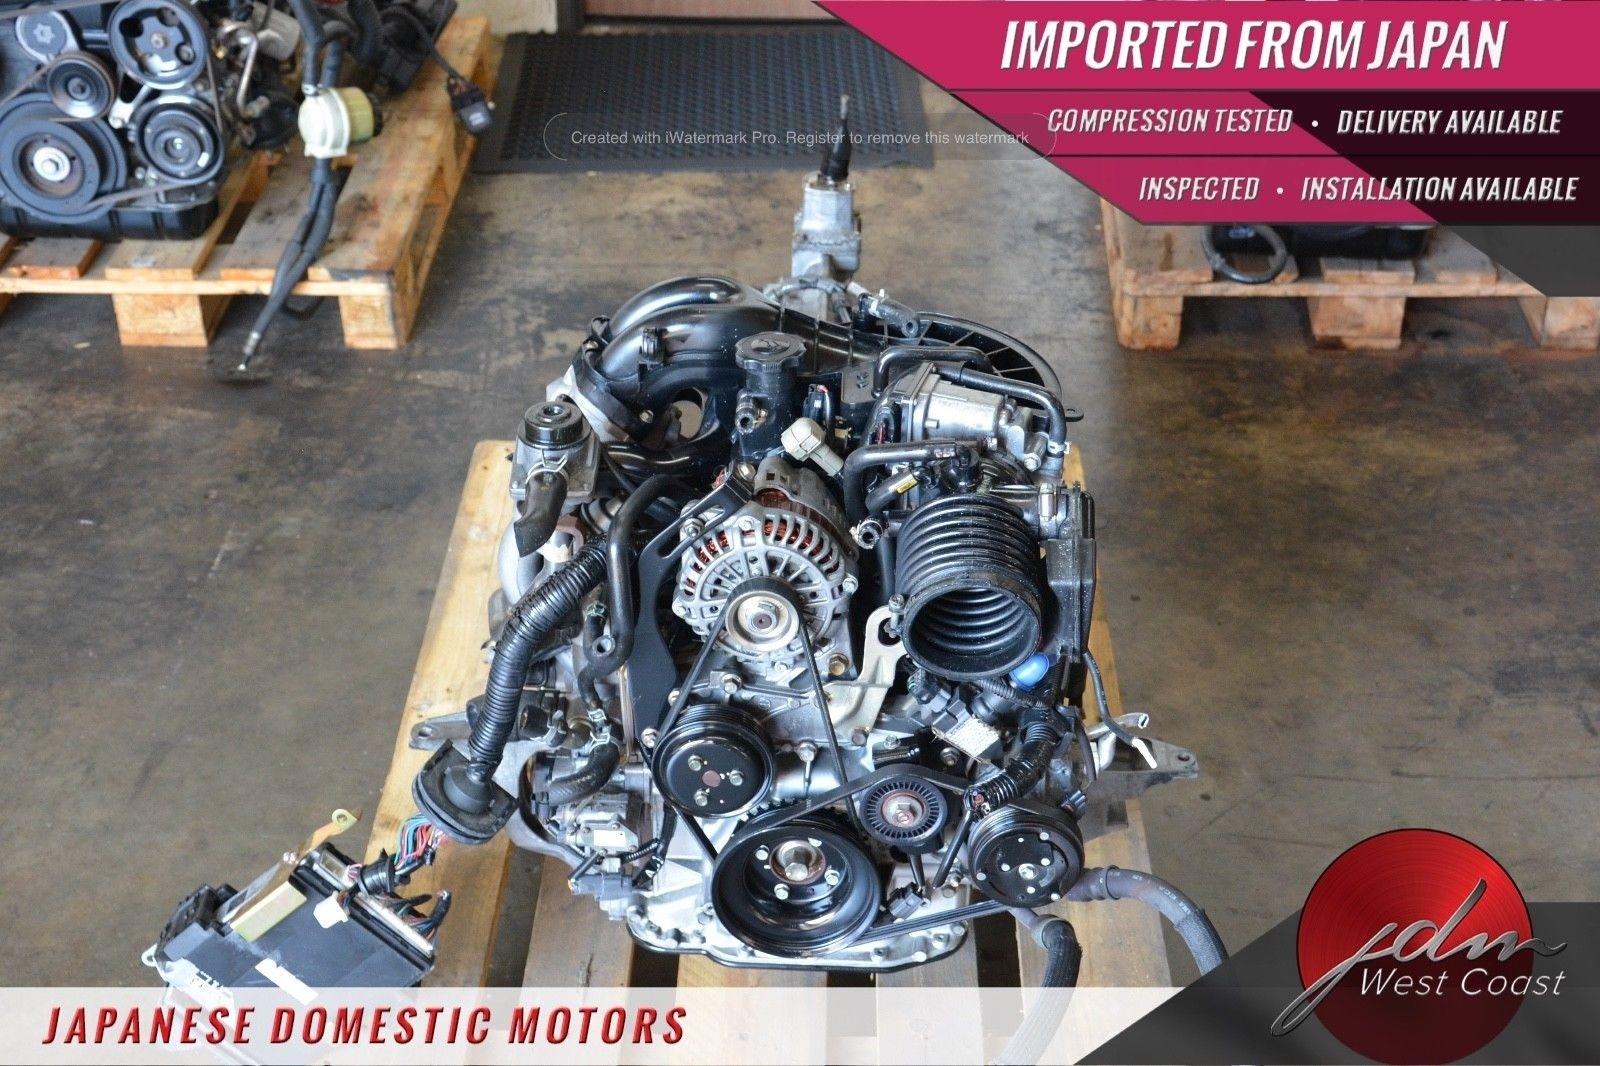 Jdm Mazda Rx8 13B 6port 03-08 Renesis 1.3L Rotary Engine 6spd MT Ecu